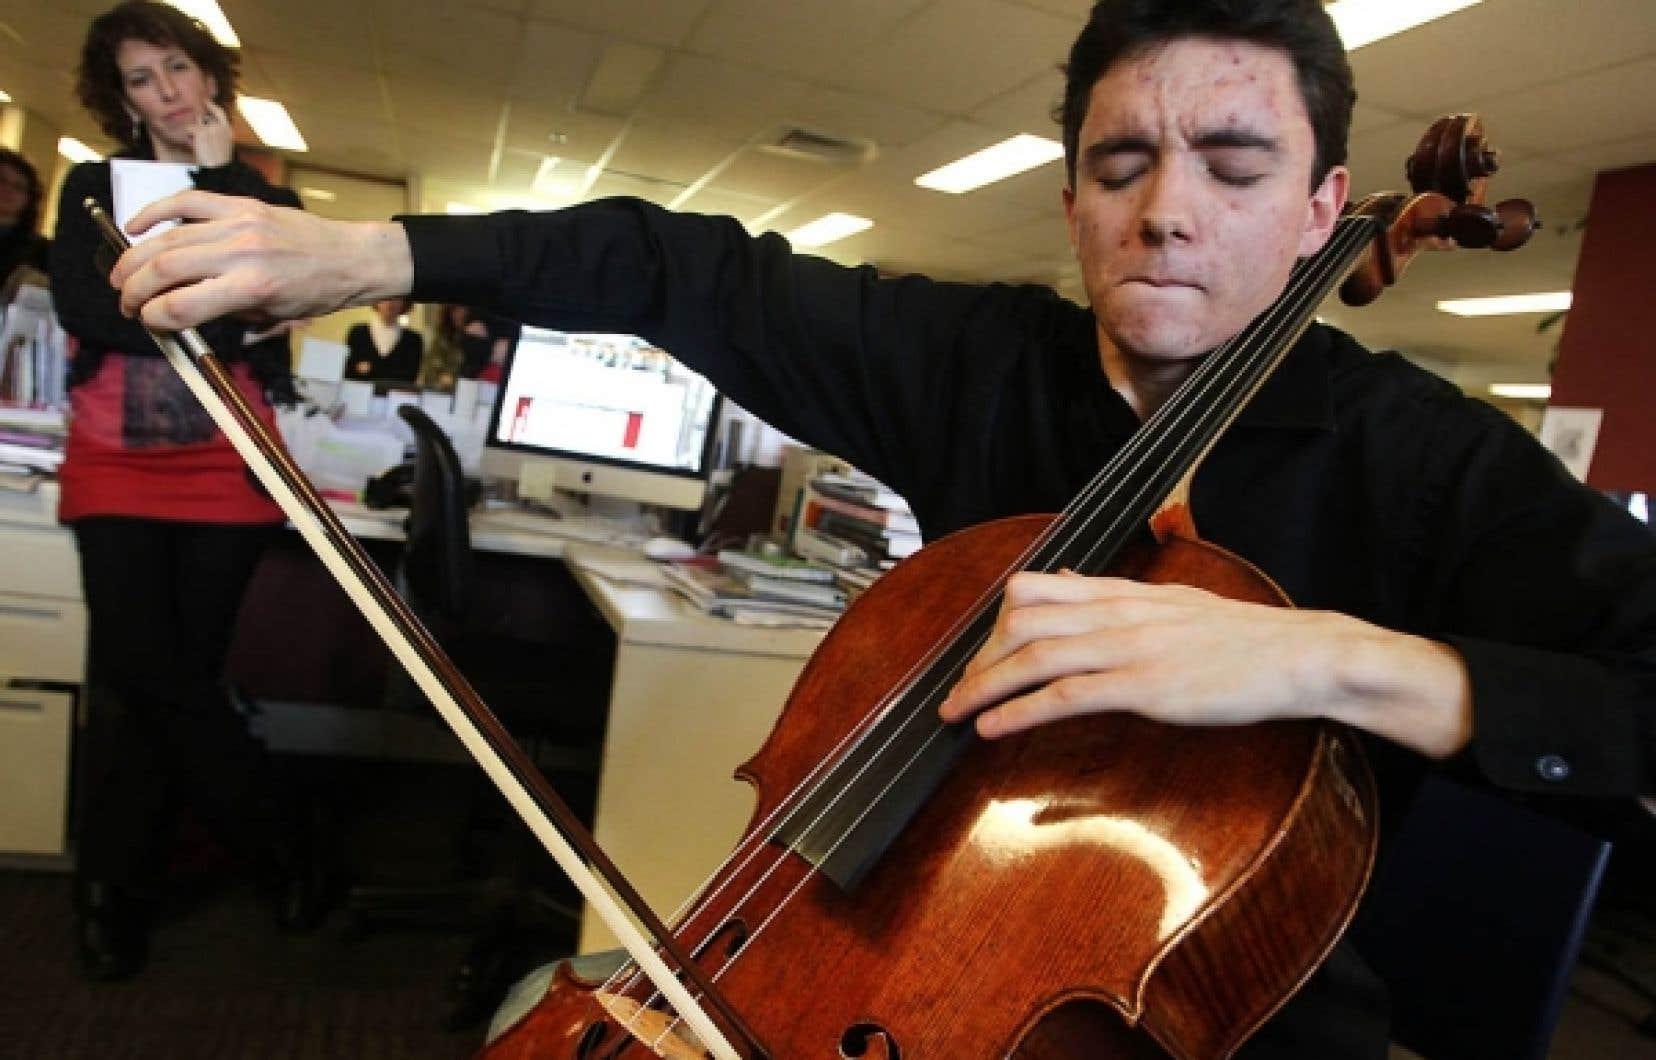 Les journalistes du Devoir ont eu le plaisir d'entendre cette semaine Stéphane Tétreault et son Stradivarius, un instrument de plus de 6 millions de dollars. Se prêtant à un concert impromptu, il a joué, sur cet instrument qui a appartenu jadis à Paganini, deux extraits de la 1re Suite de Bach et la Méditation de Thaïs de Massenet. Il a été chaleureusement applaudi.<br />